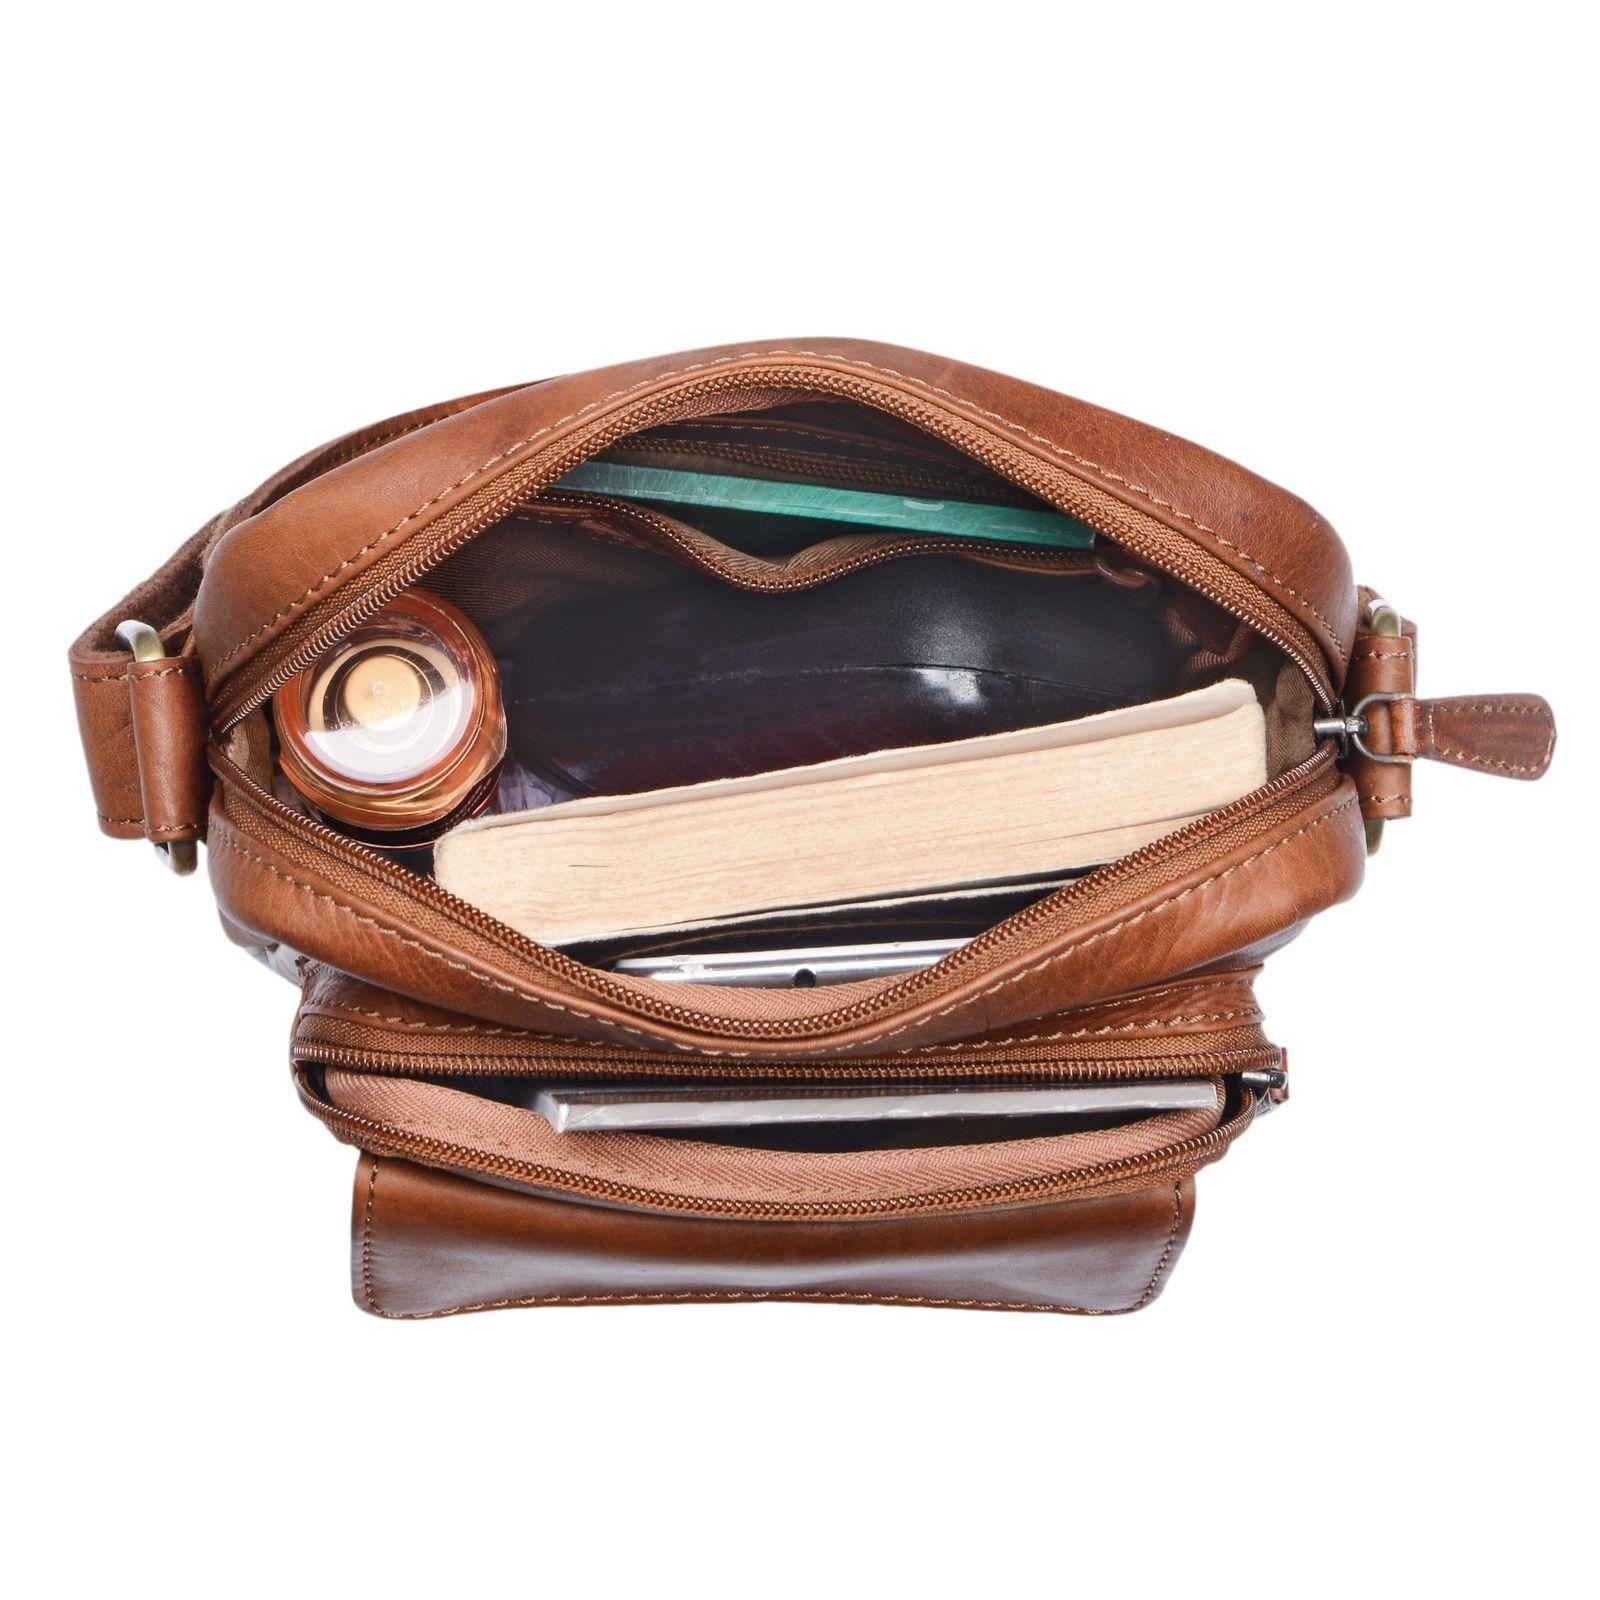 """STILORD """"Jannis"""" Leder Umhängetasche Männer klein Vintage Messenger Bag Herren-Tasche Tablettasche für 9.7 Zoll iPad Schultertasche aus echtem Leder - Bild 5"""